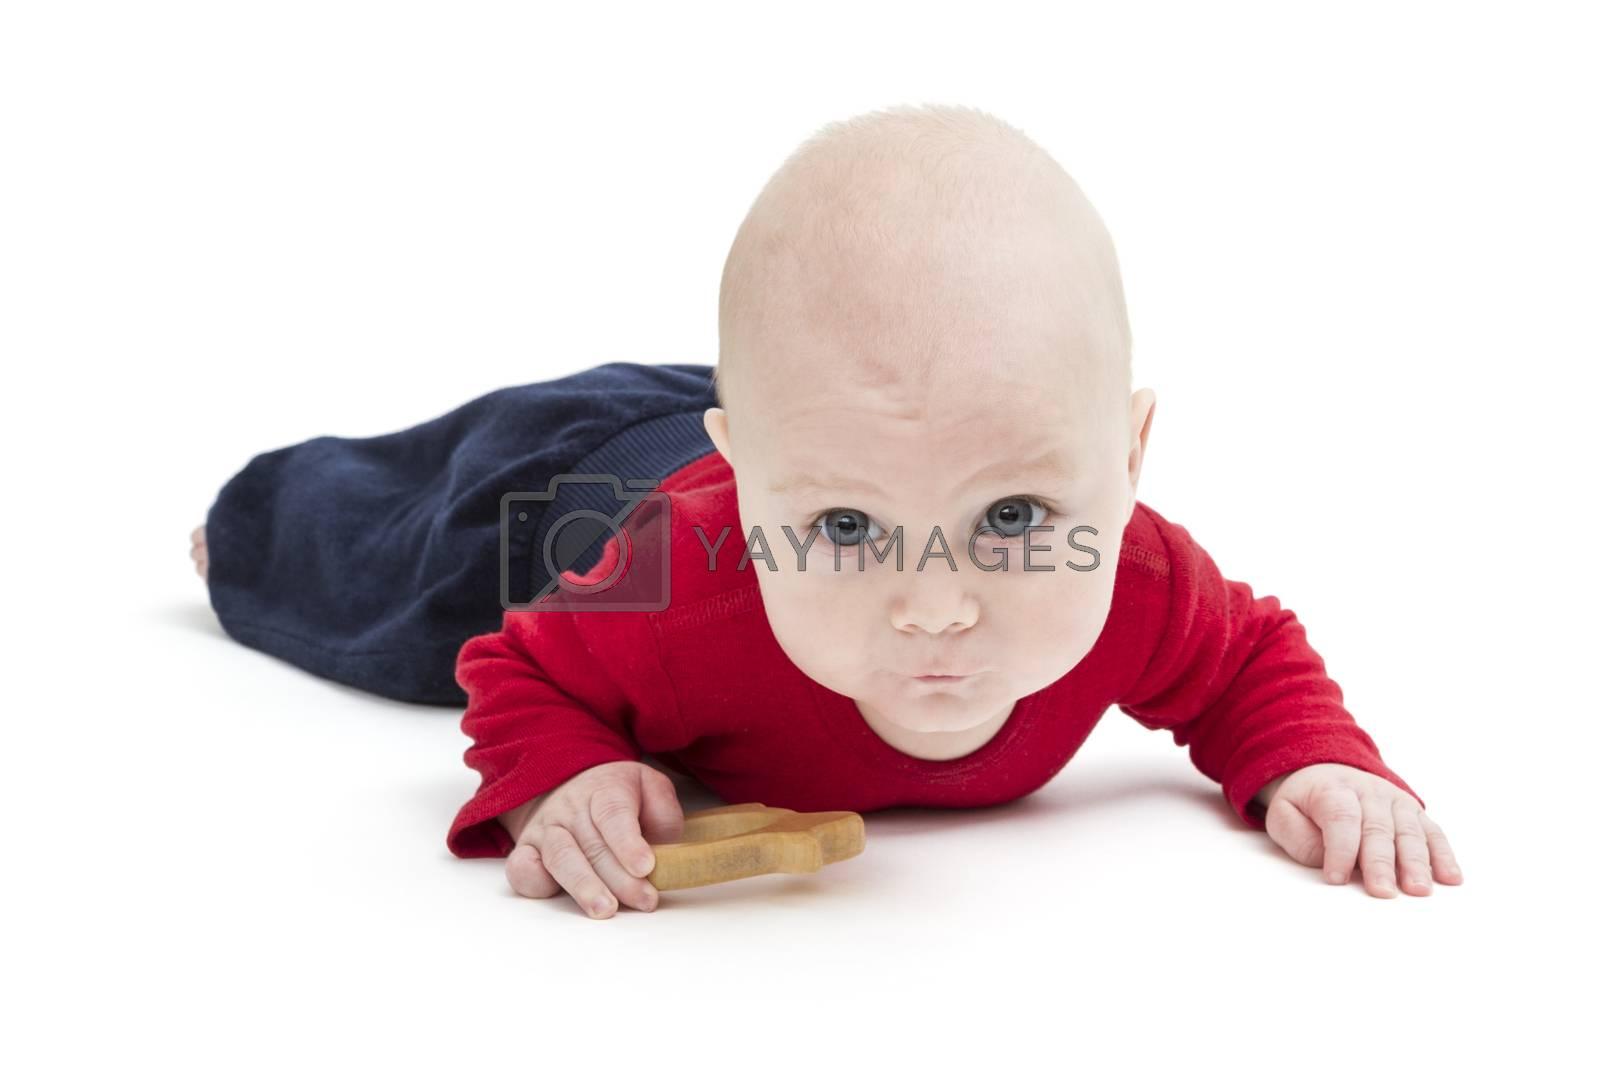 baby crawling on floor. horizontal image isolated on white